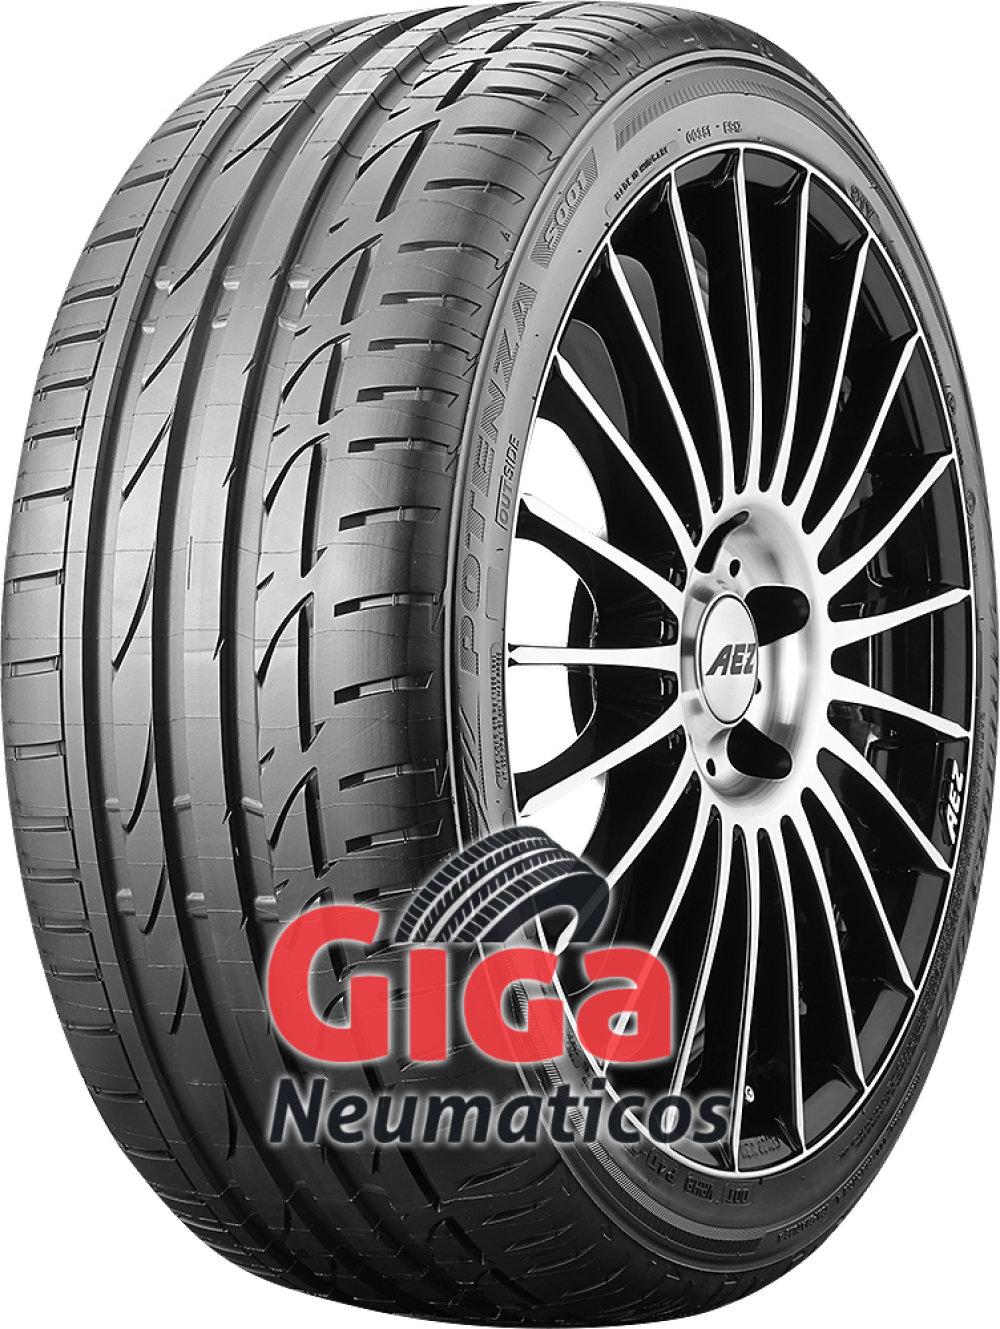 Bridgestone Potenza S001 ( 285/30 R20 99Y XL con protector de llanta (MFS) )